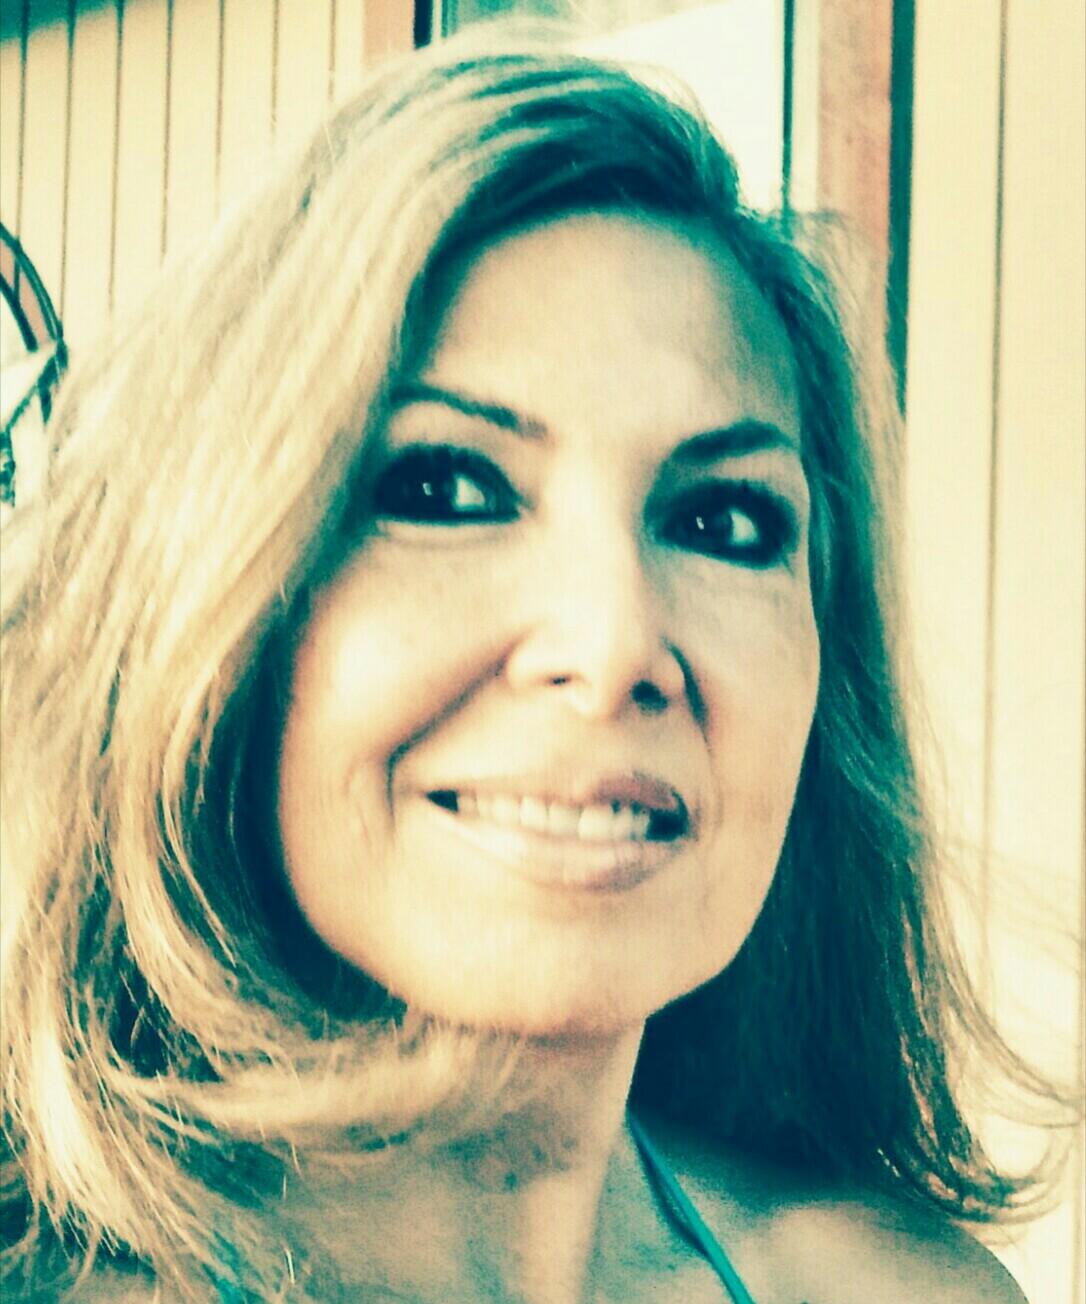 Carmen Puggioni